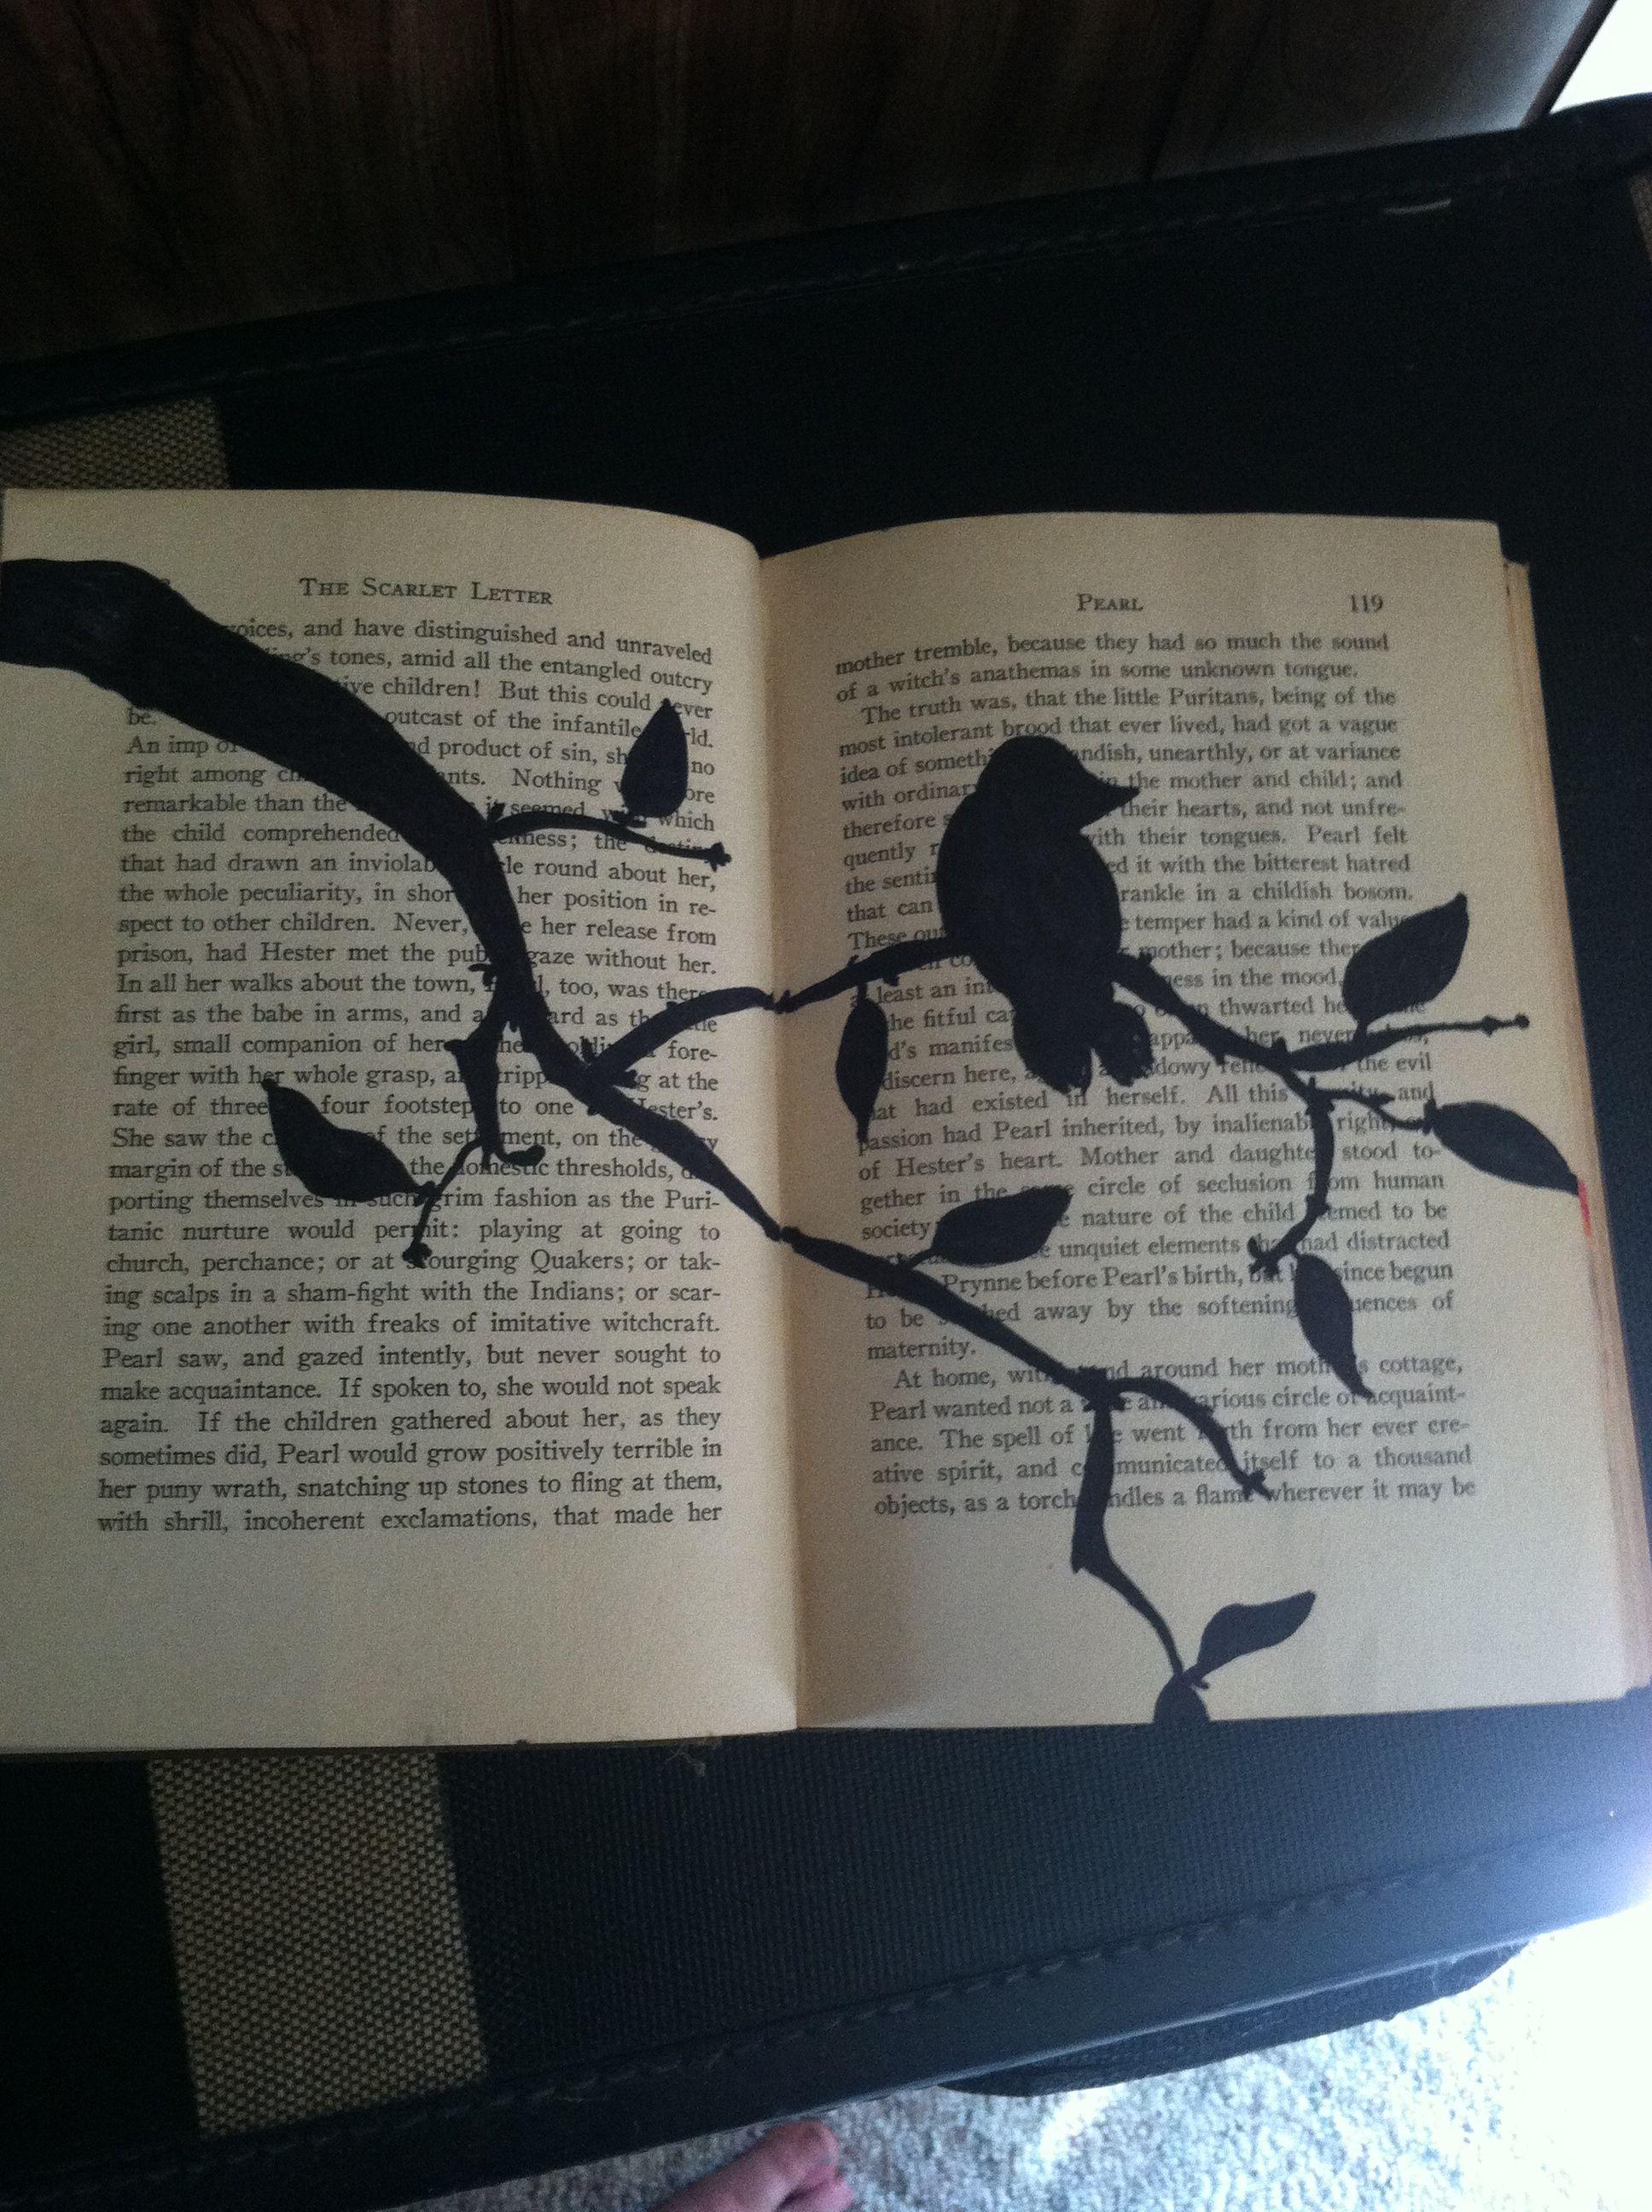 Kill mockingbird scrapbook ideas - I Think I Ll Do This With To Kill